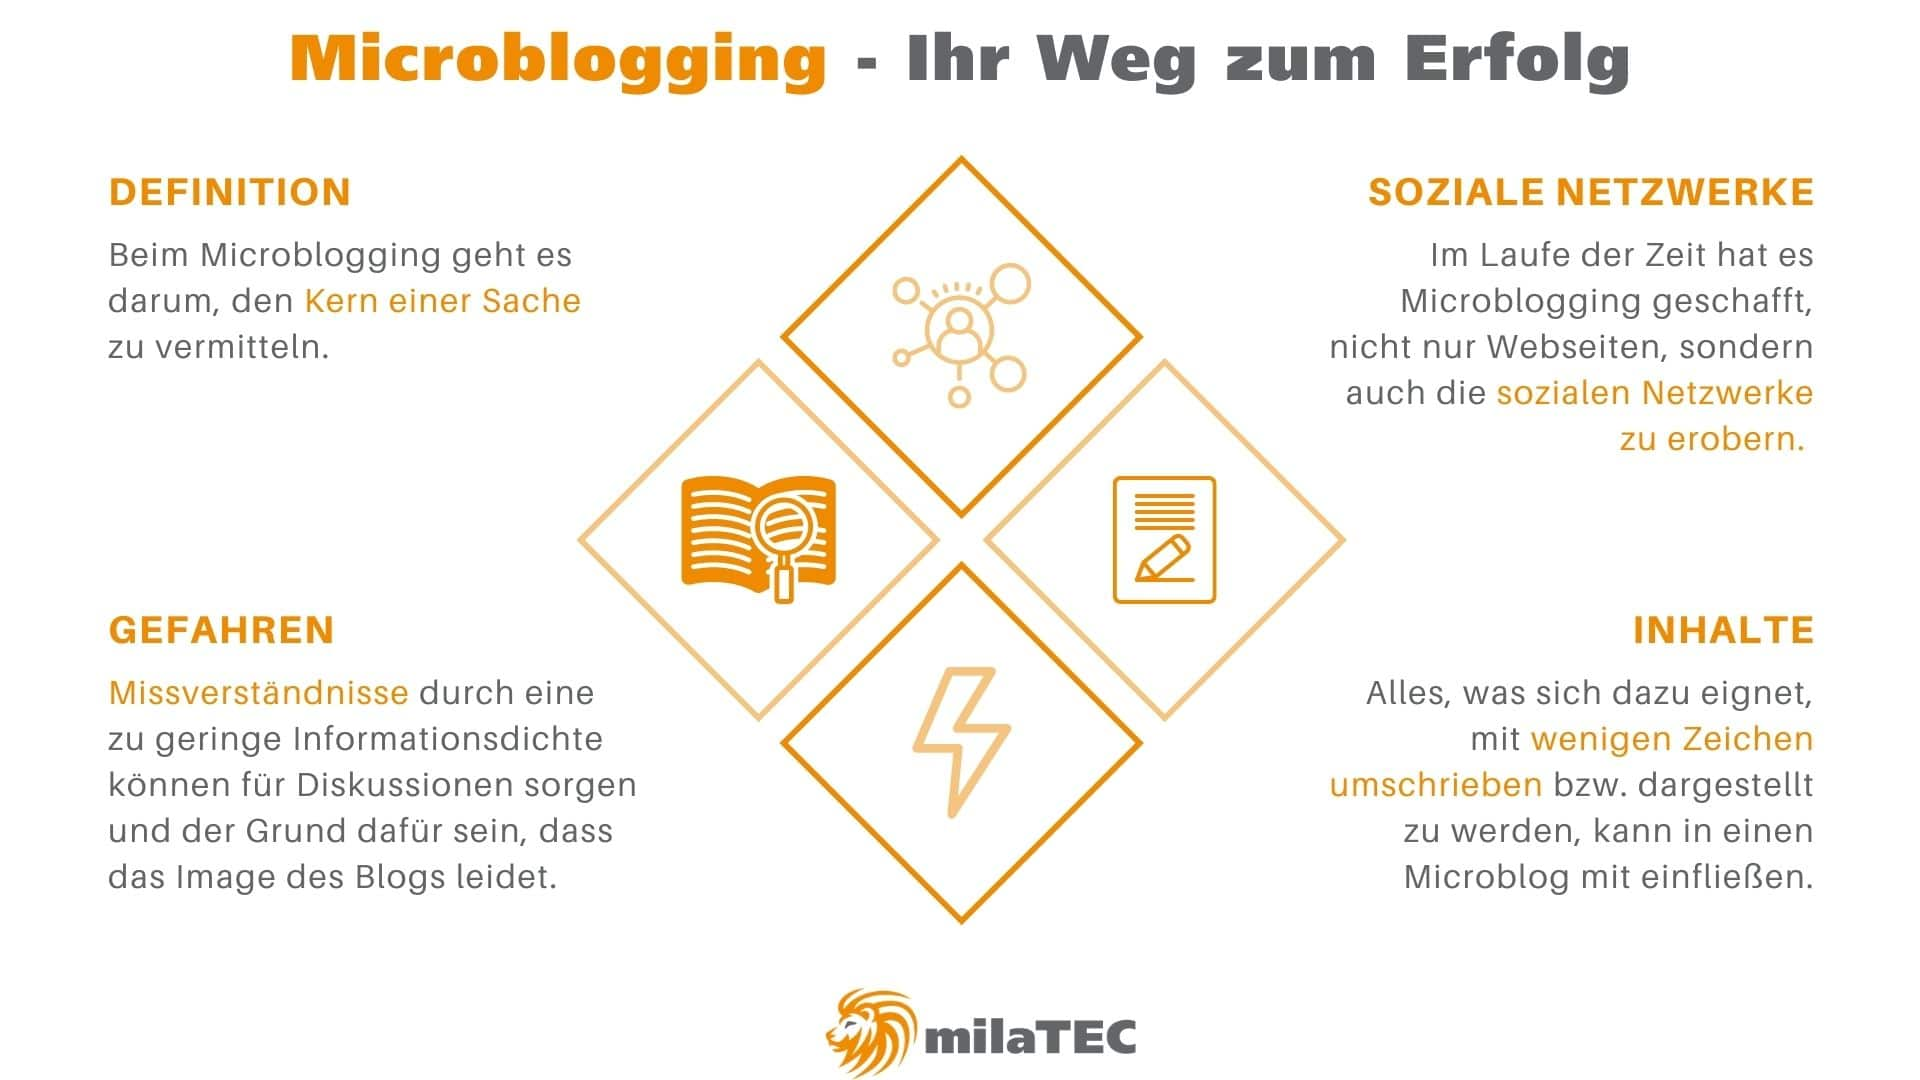 Microblogging mit Erfolg